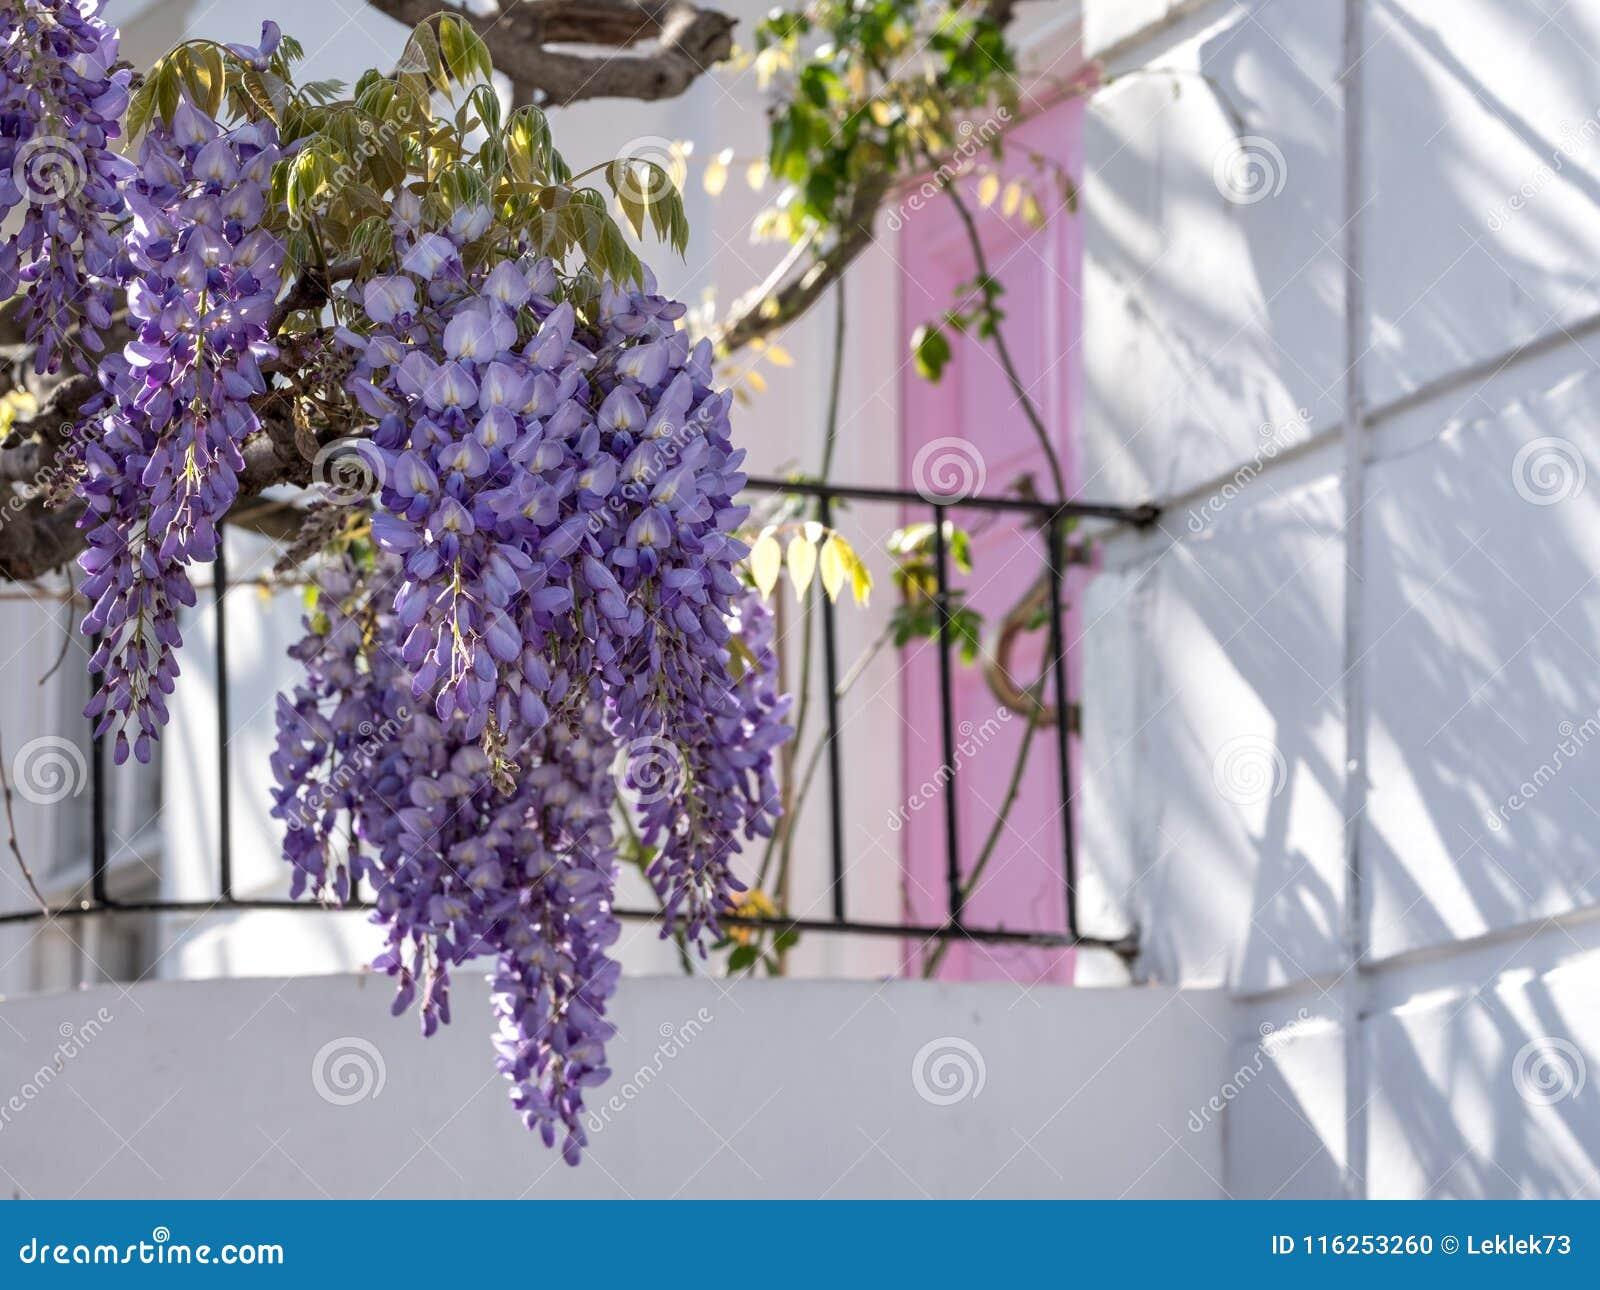 Maison Peinte En Blanc Exterieur l'arbre de glycine en pleine floraison s'élevant en dehors d